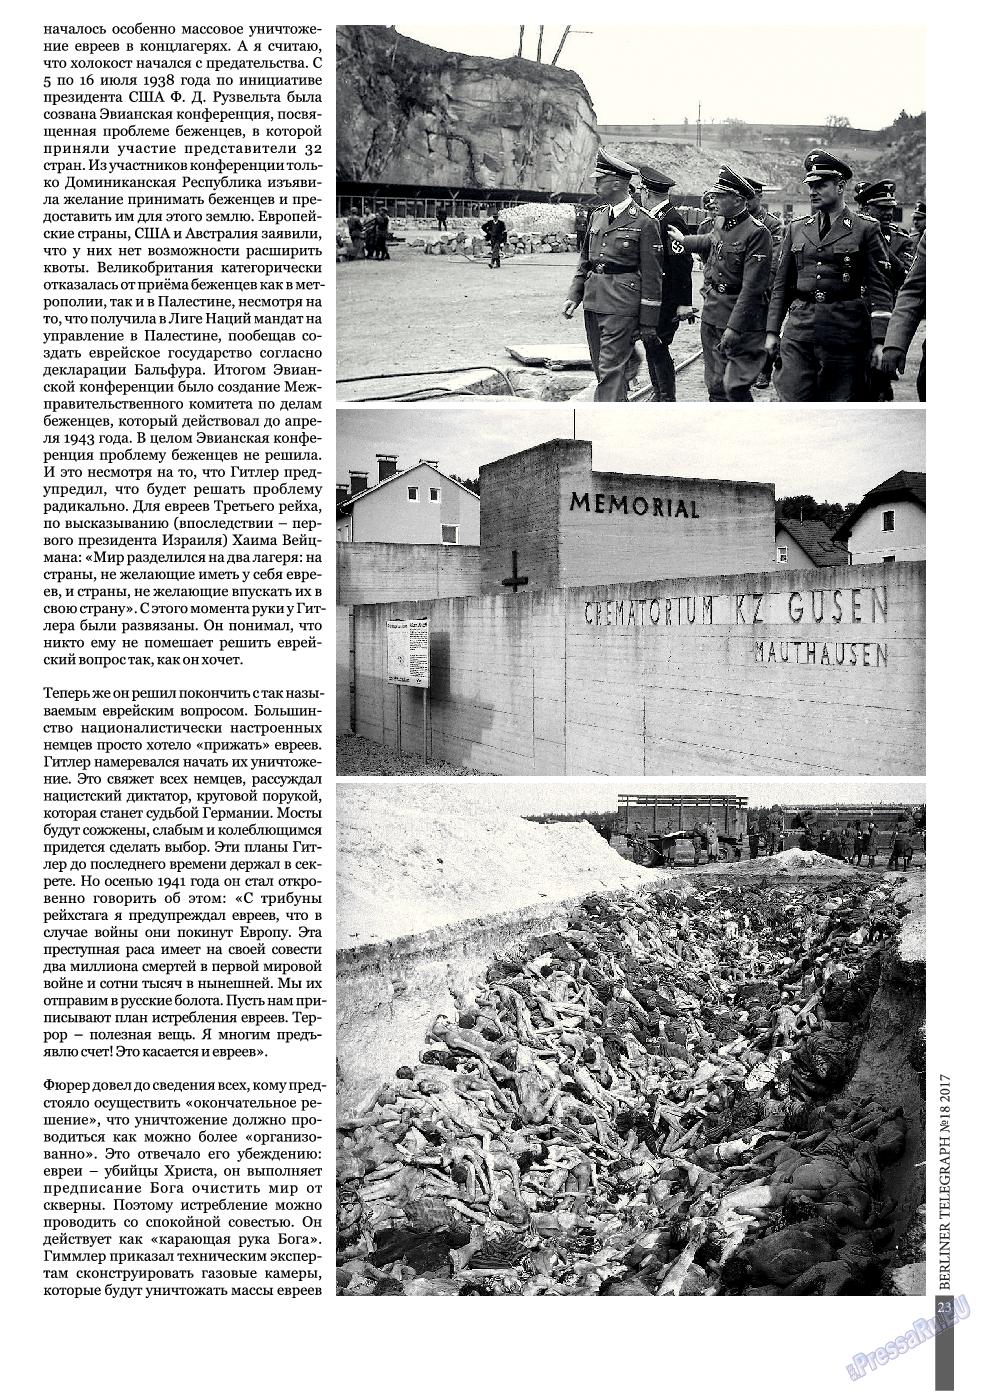 Берлинский телеграф (журнал). 2017 год, номер 18, стр. 23